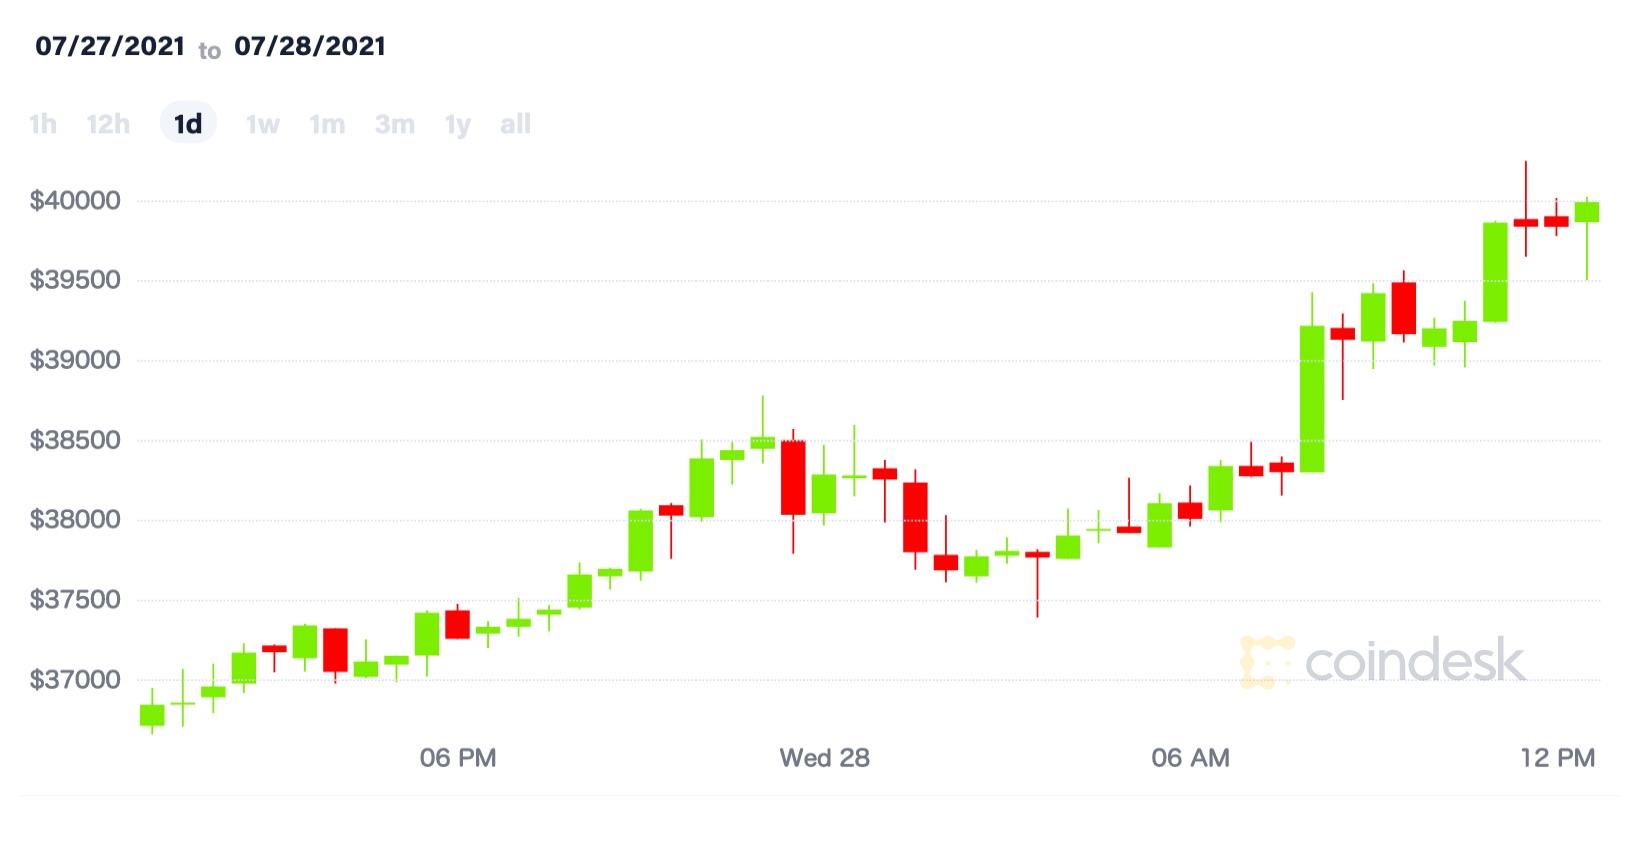 【市場動向】ビットコイン、4万ドルを突破──上昇は続くか